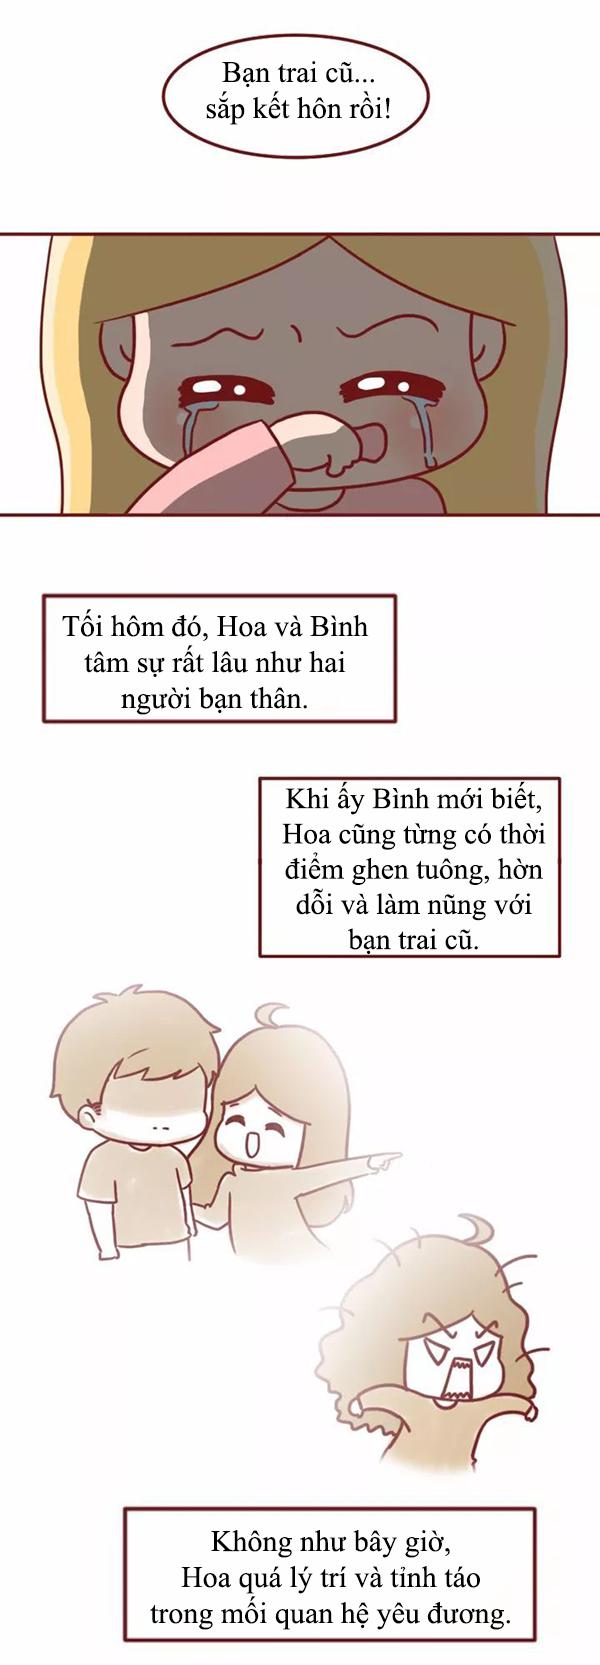 Truyện tranh: Đàn ông hãy coi chừng nếu đang yêu một cô gái quá hiểu chuyện - Ảnh 10.